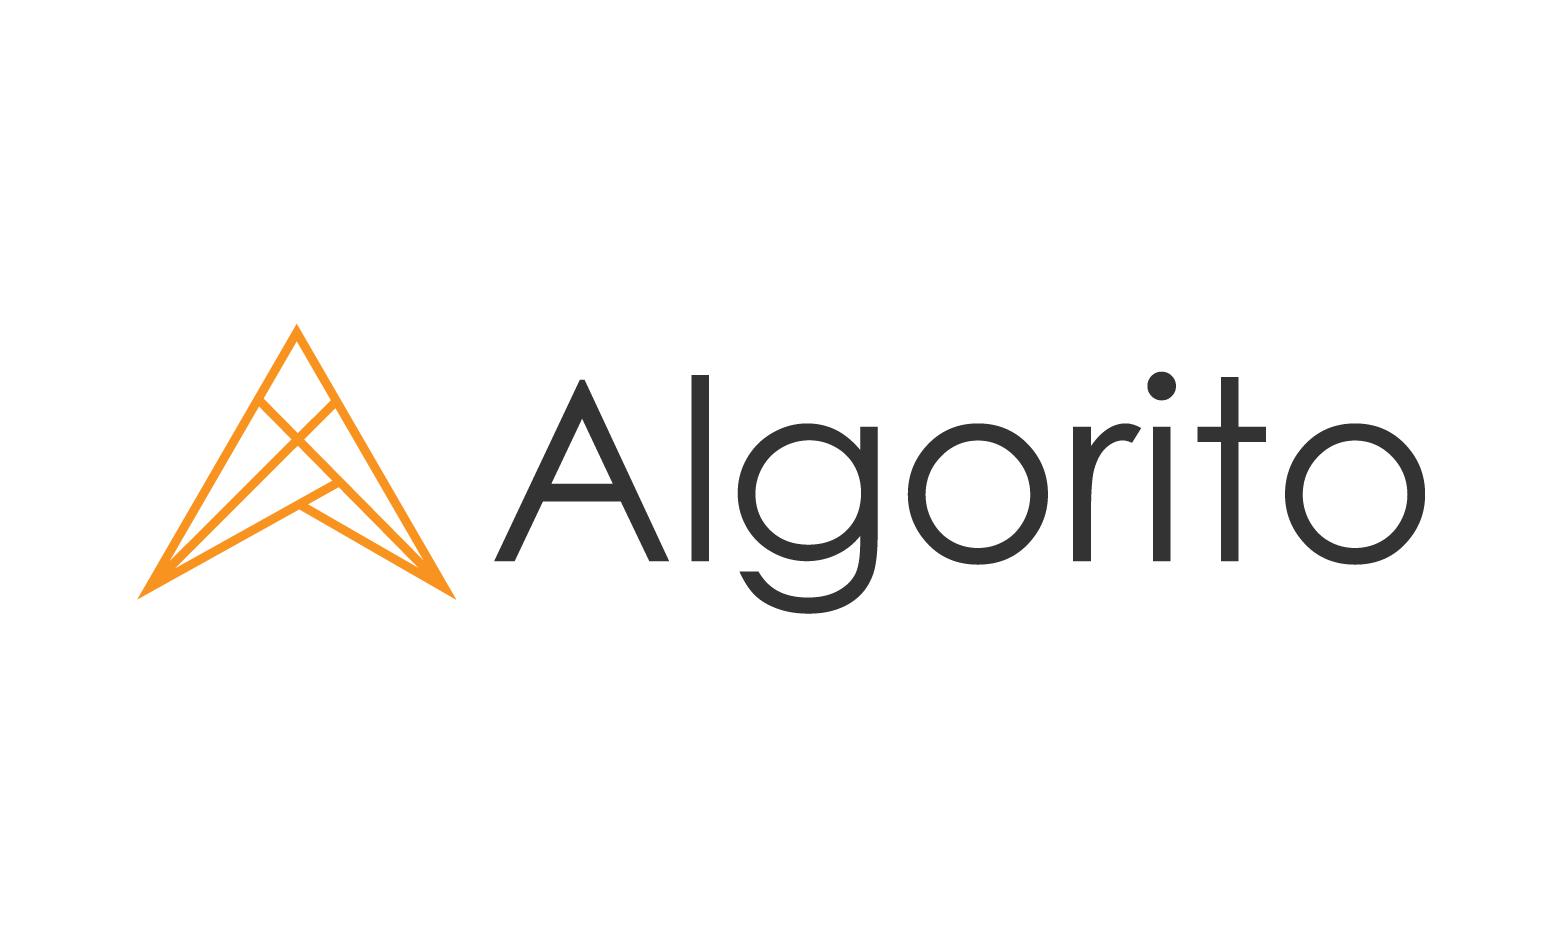 Algorito.com